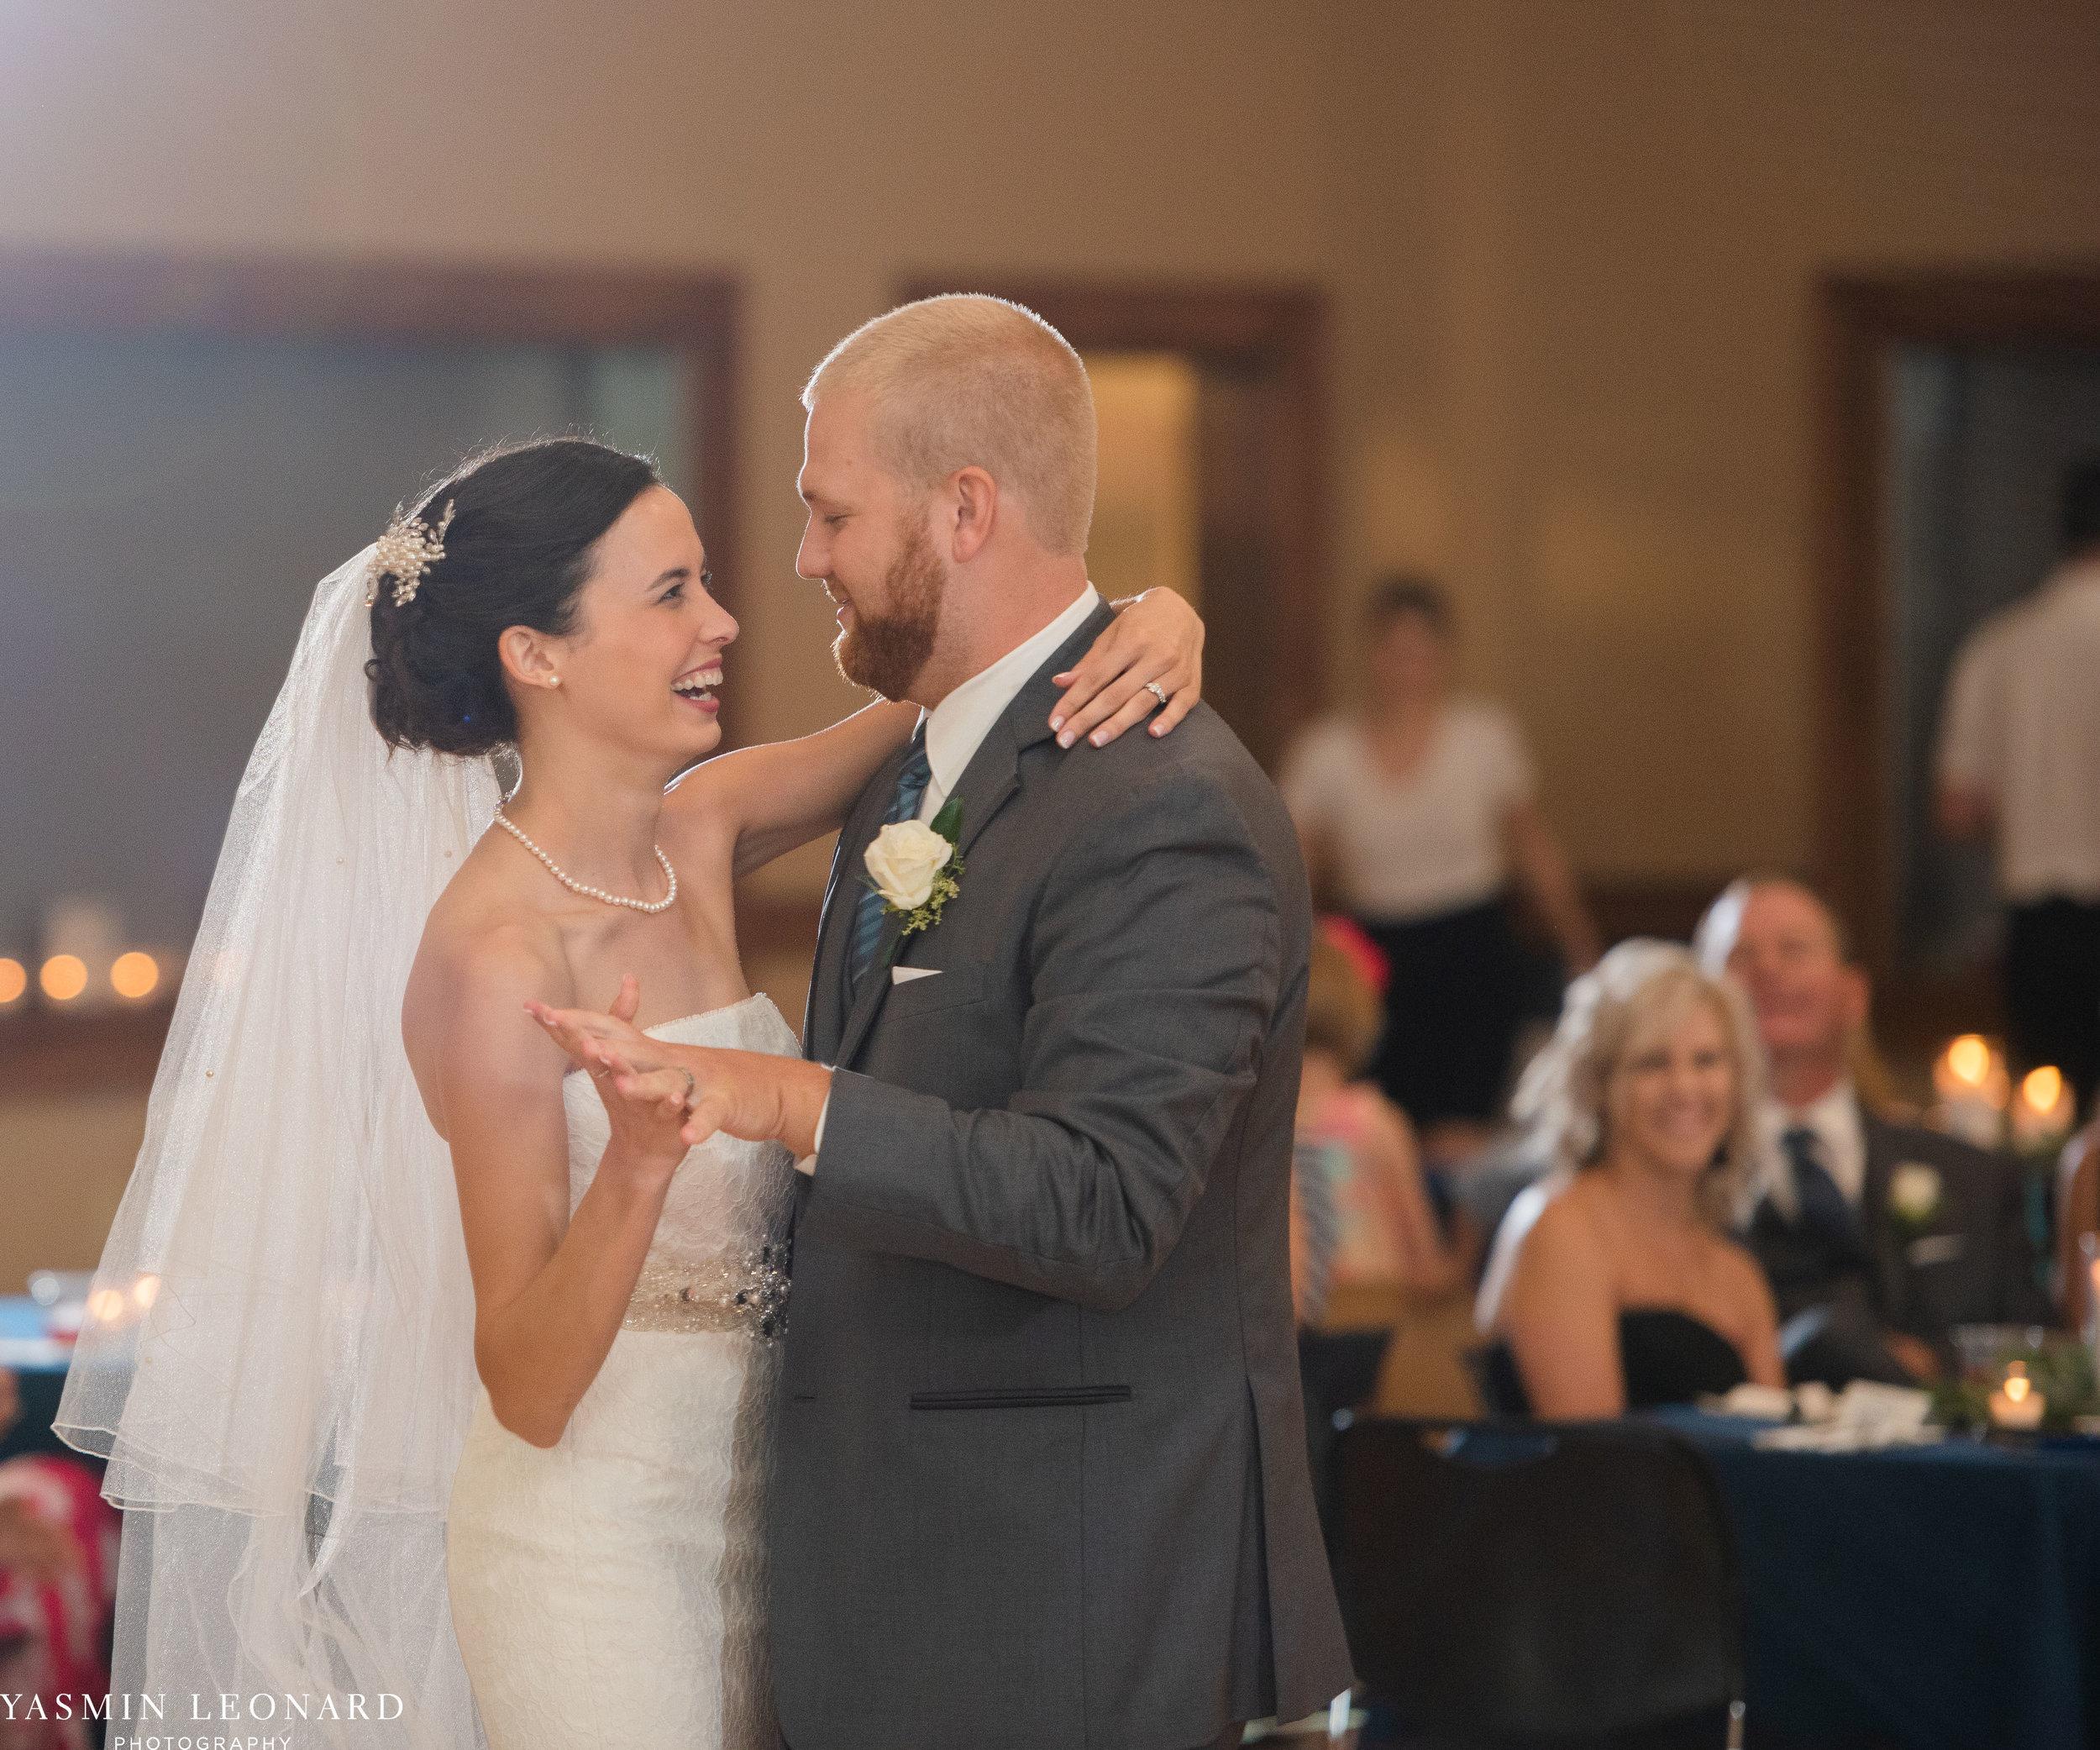 Mt. Pleasant Church - Church Wedding - Traditional Wedding - Church Ceremony - Country Wedding - Godly Wedding - NC Wedding Photographer - High Point Weddings - Triad Weddings - NC Venues-49.jpg